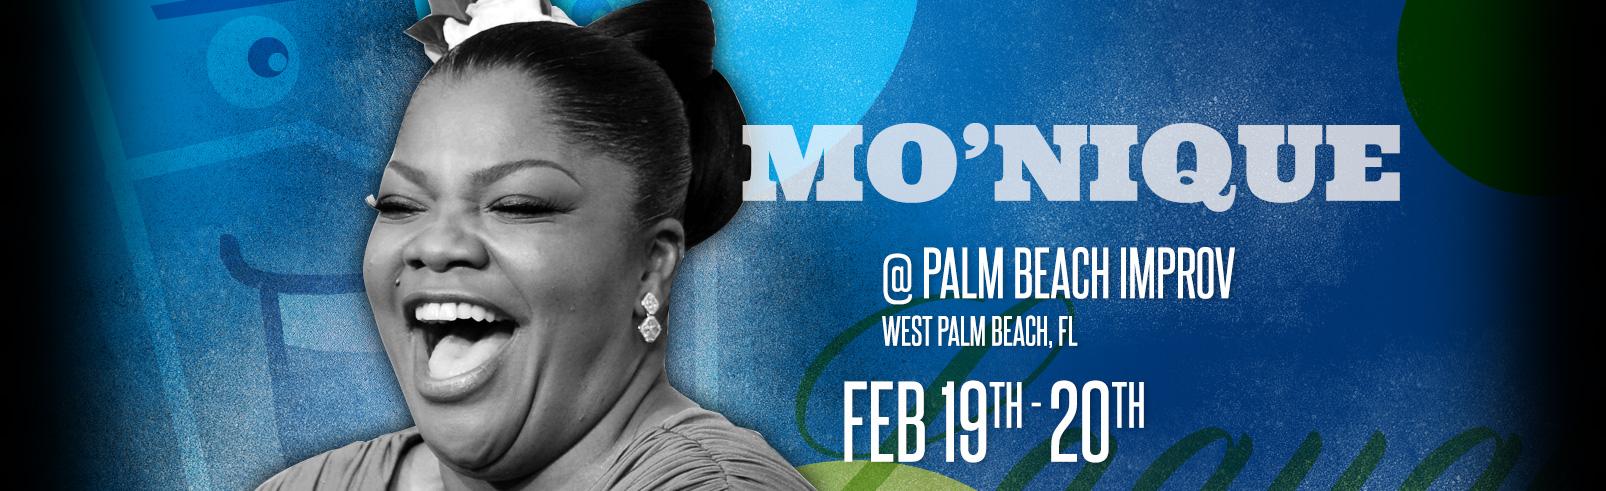 Mo'Nique @ Palm Beach Improv